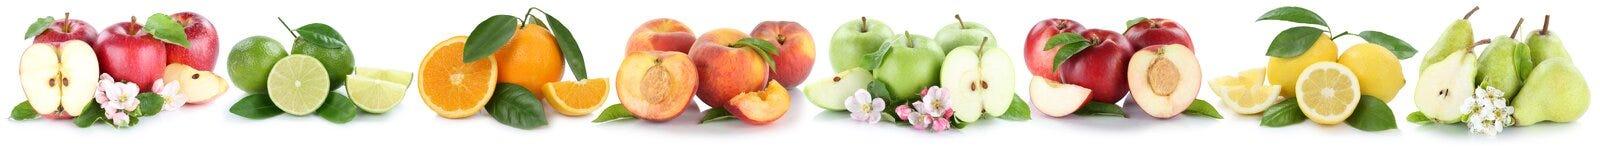 Φρούτων νωποί καρποί ι πορτοκαλιών μήλων νεκταρινιών λεμονιών μήλων πορτοκαλιοί Στοκ φωτογραφίες με δικαίωμα ελεύθερης χρήσης